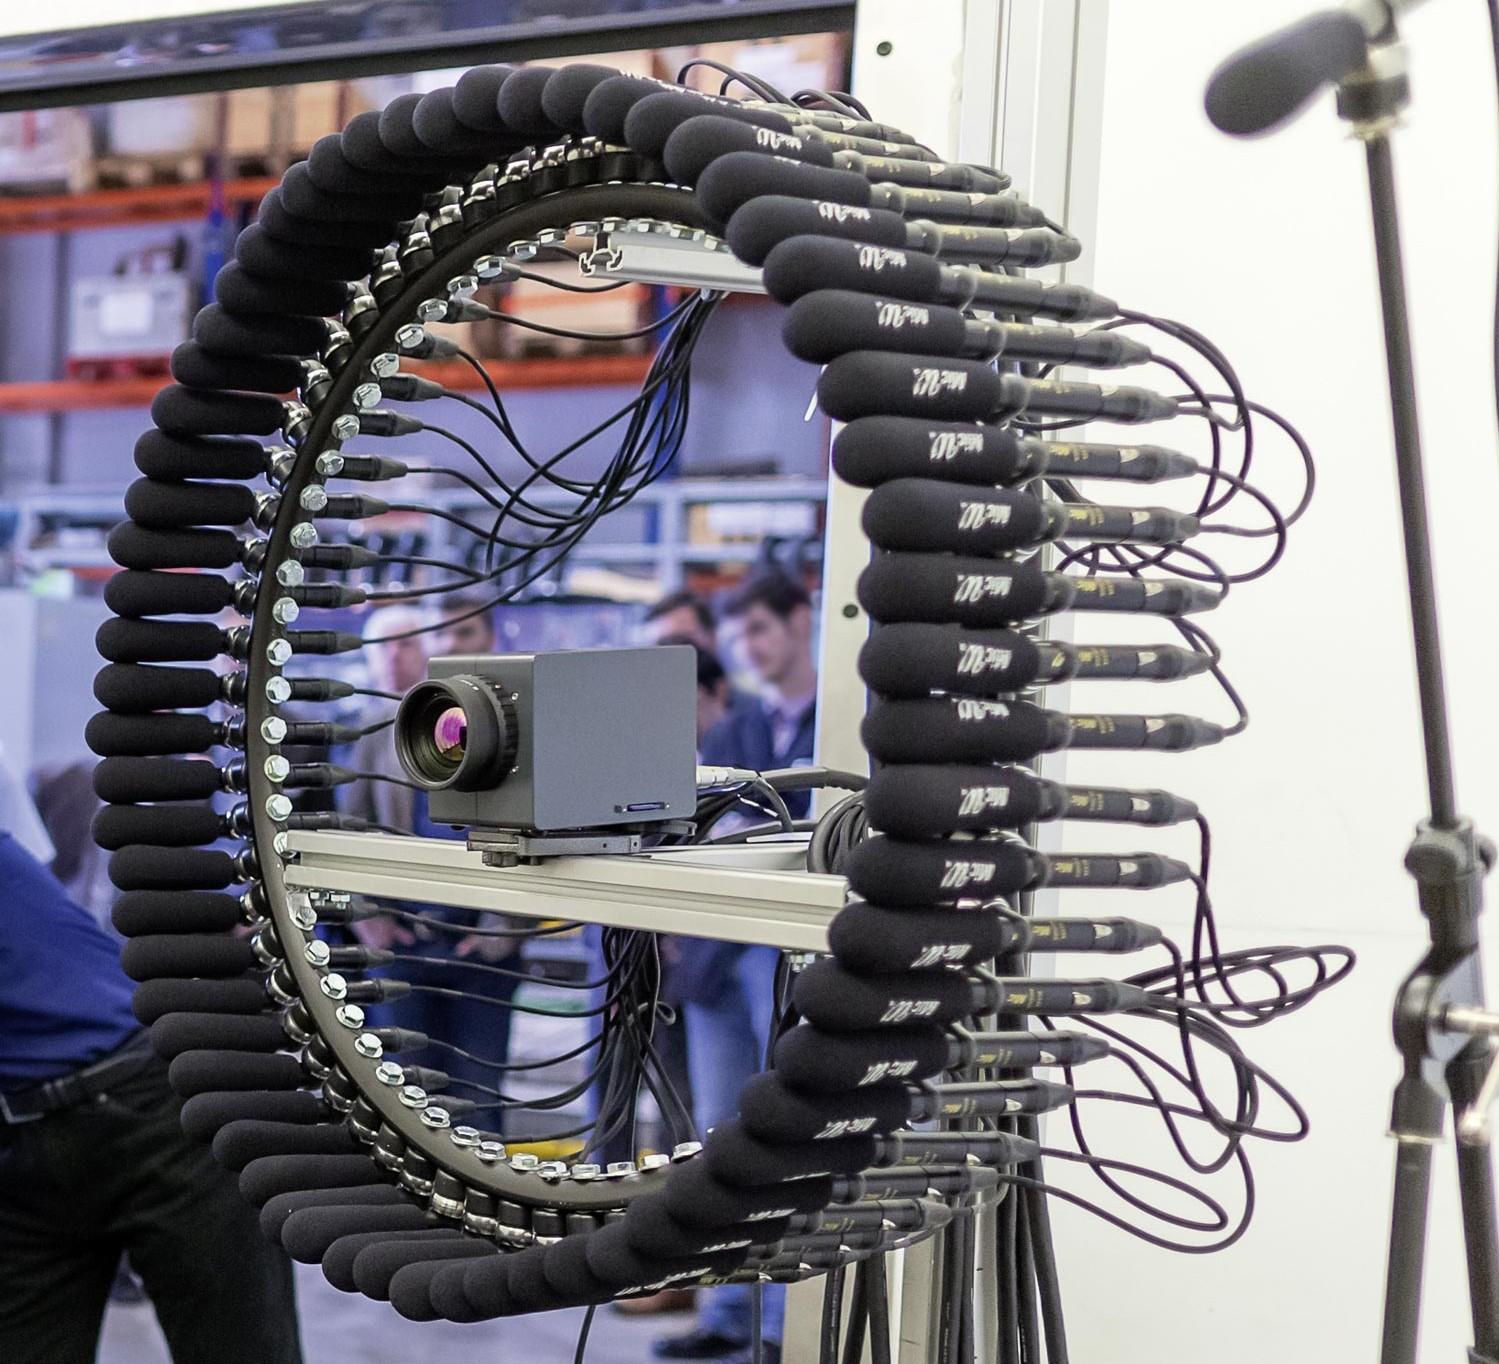 Akustische Kamera in Ringform (64 Kanäle) mit einer in der Mitte positionierten Thermokamera für den Einsatz in der Klimakammer; Foto: AIT/Ludwig Schedl